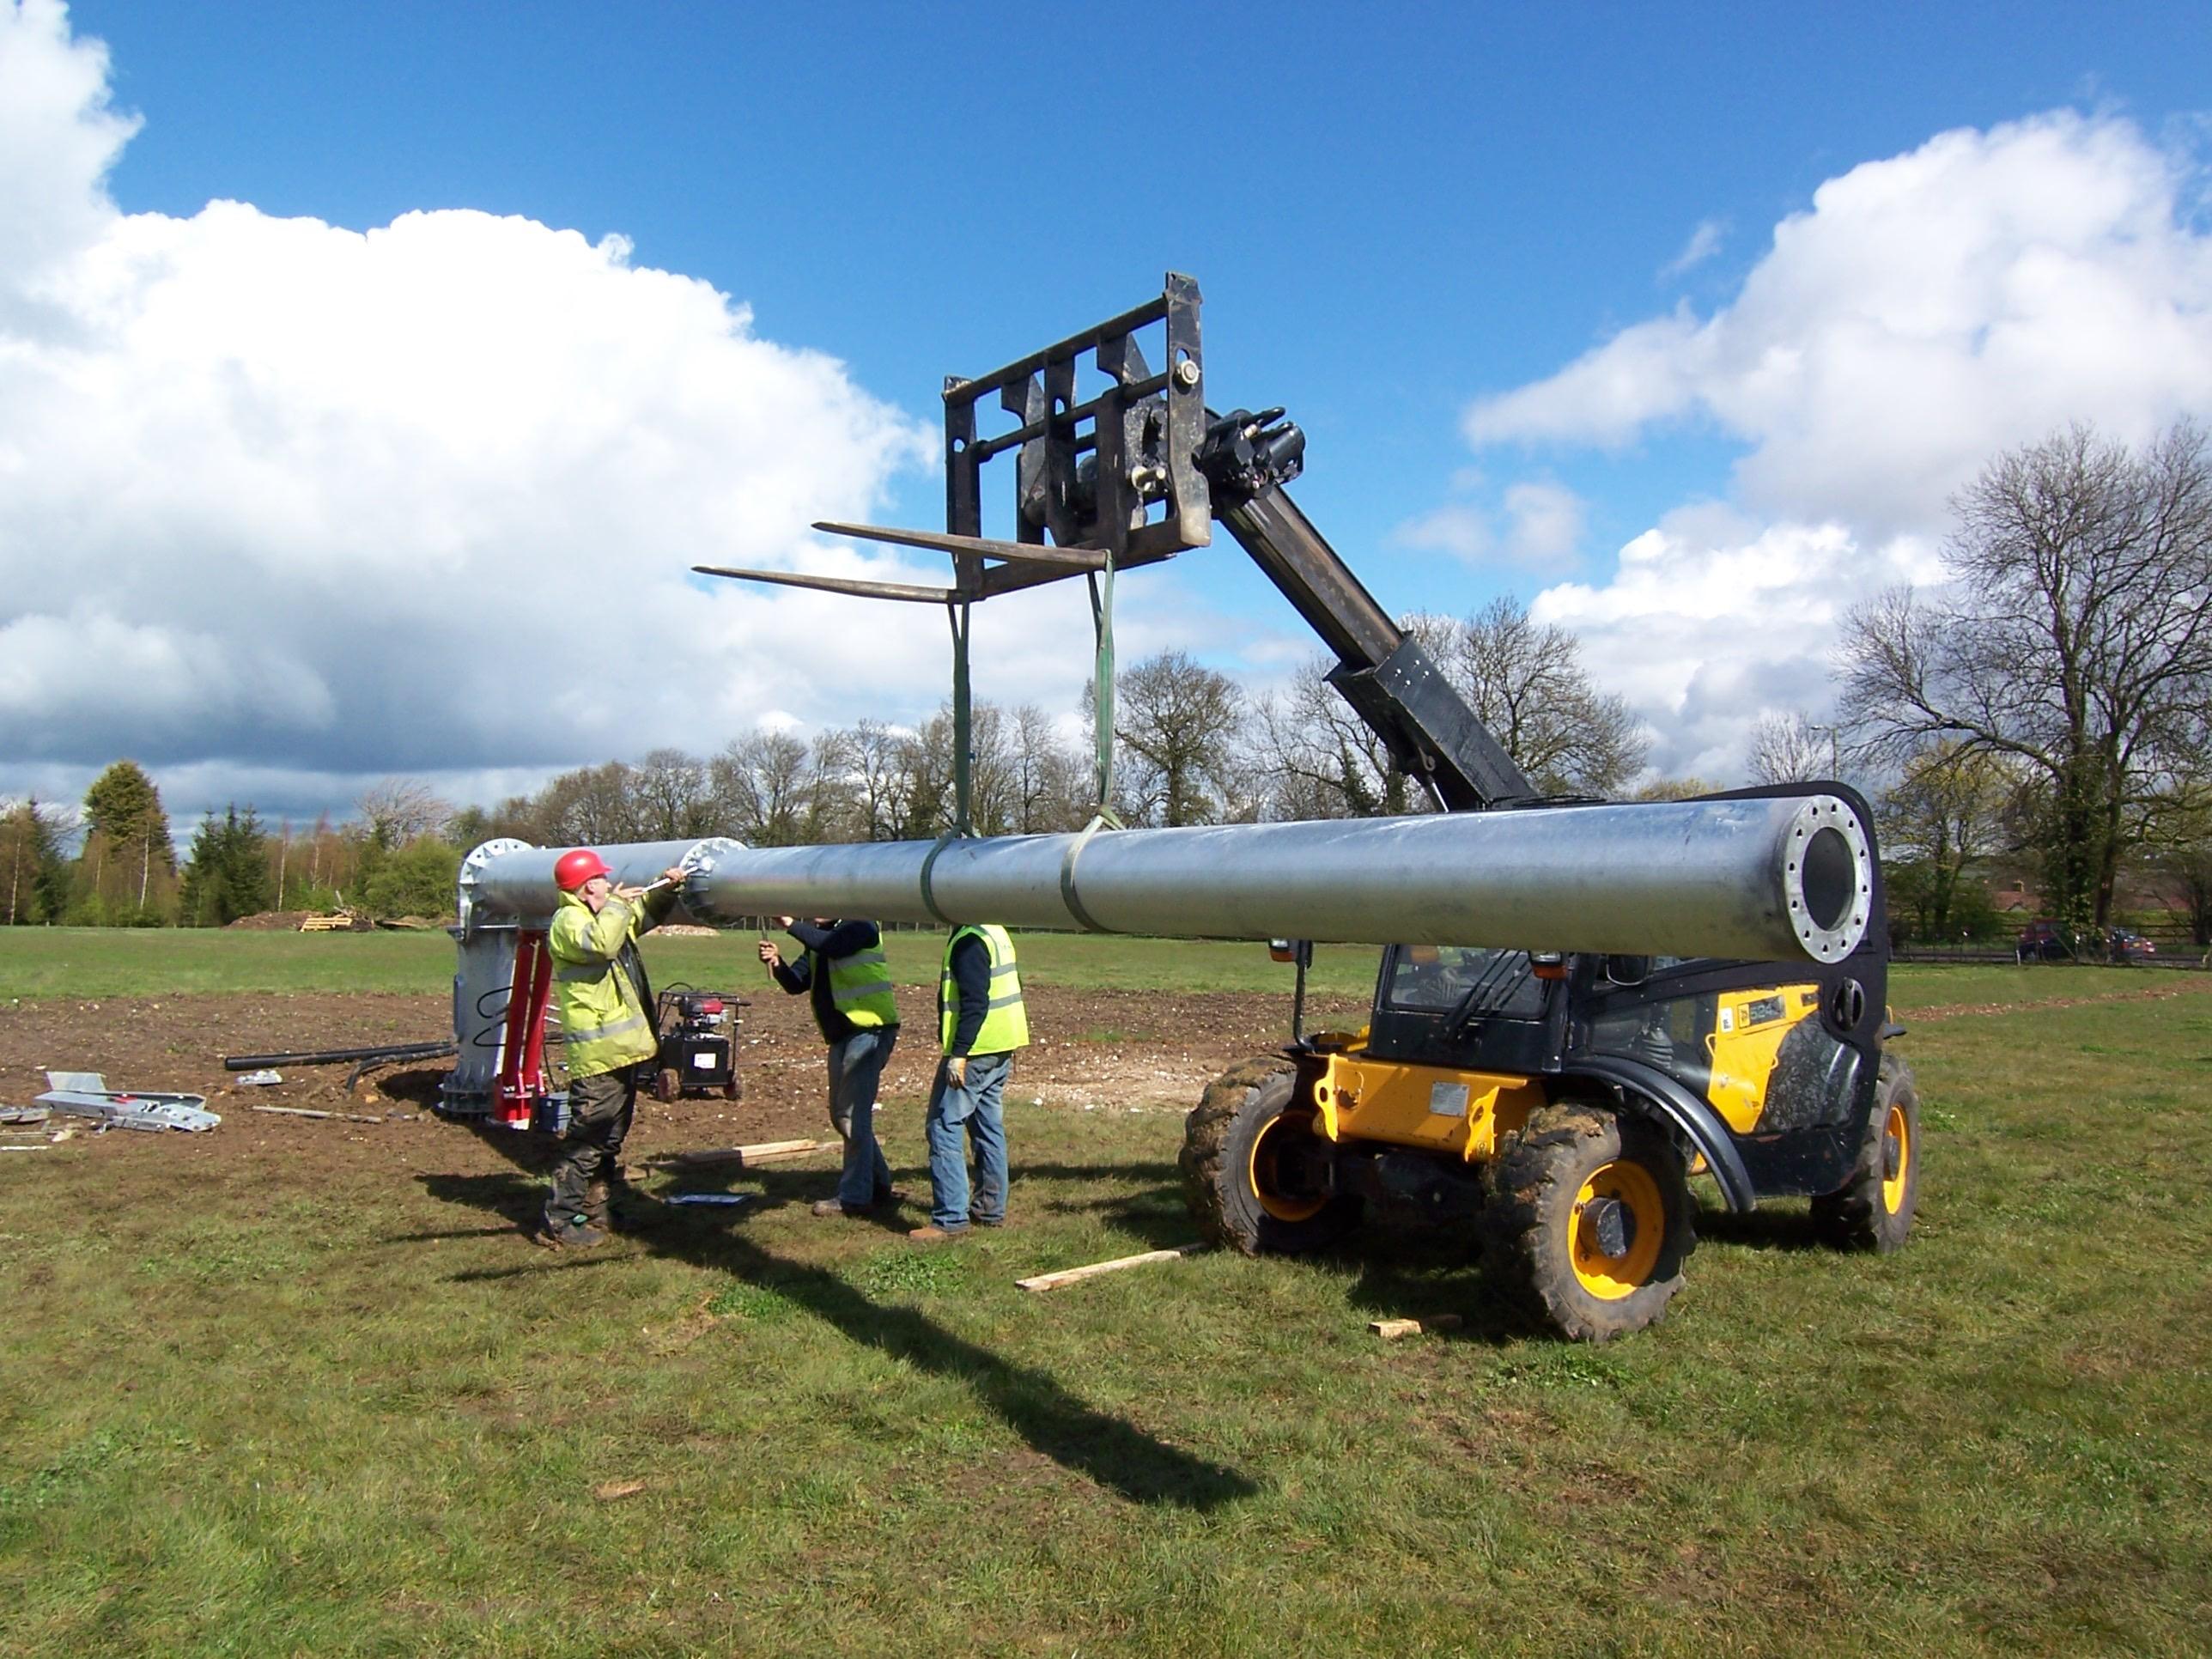 herts-garden-centre-turbine-install